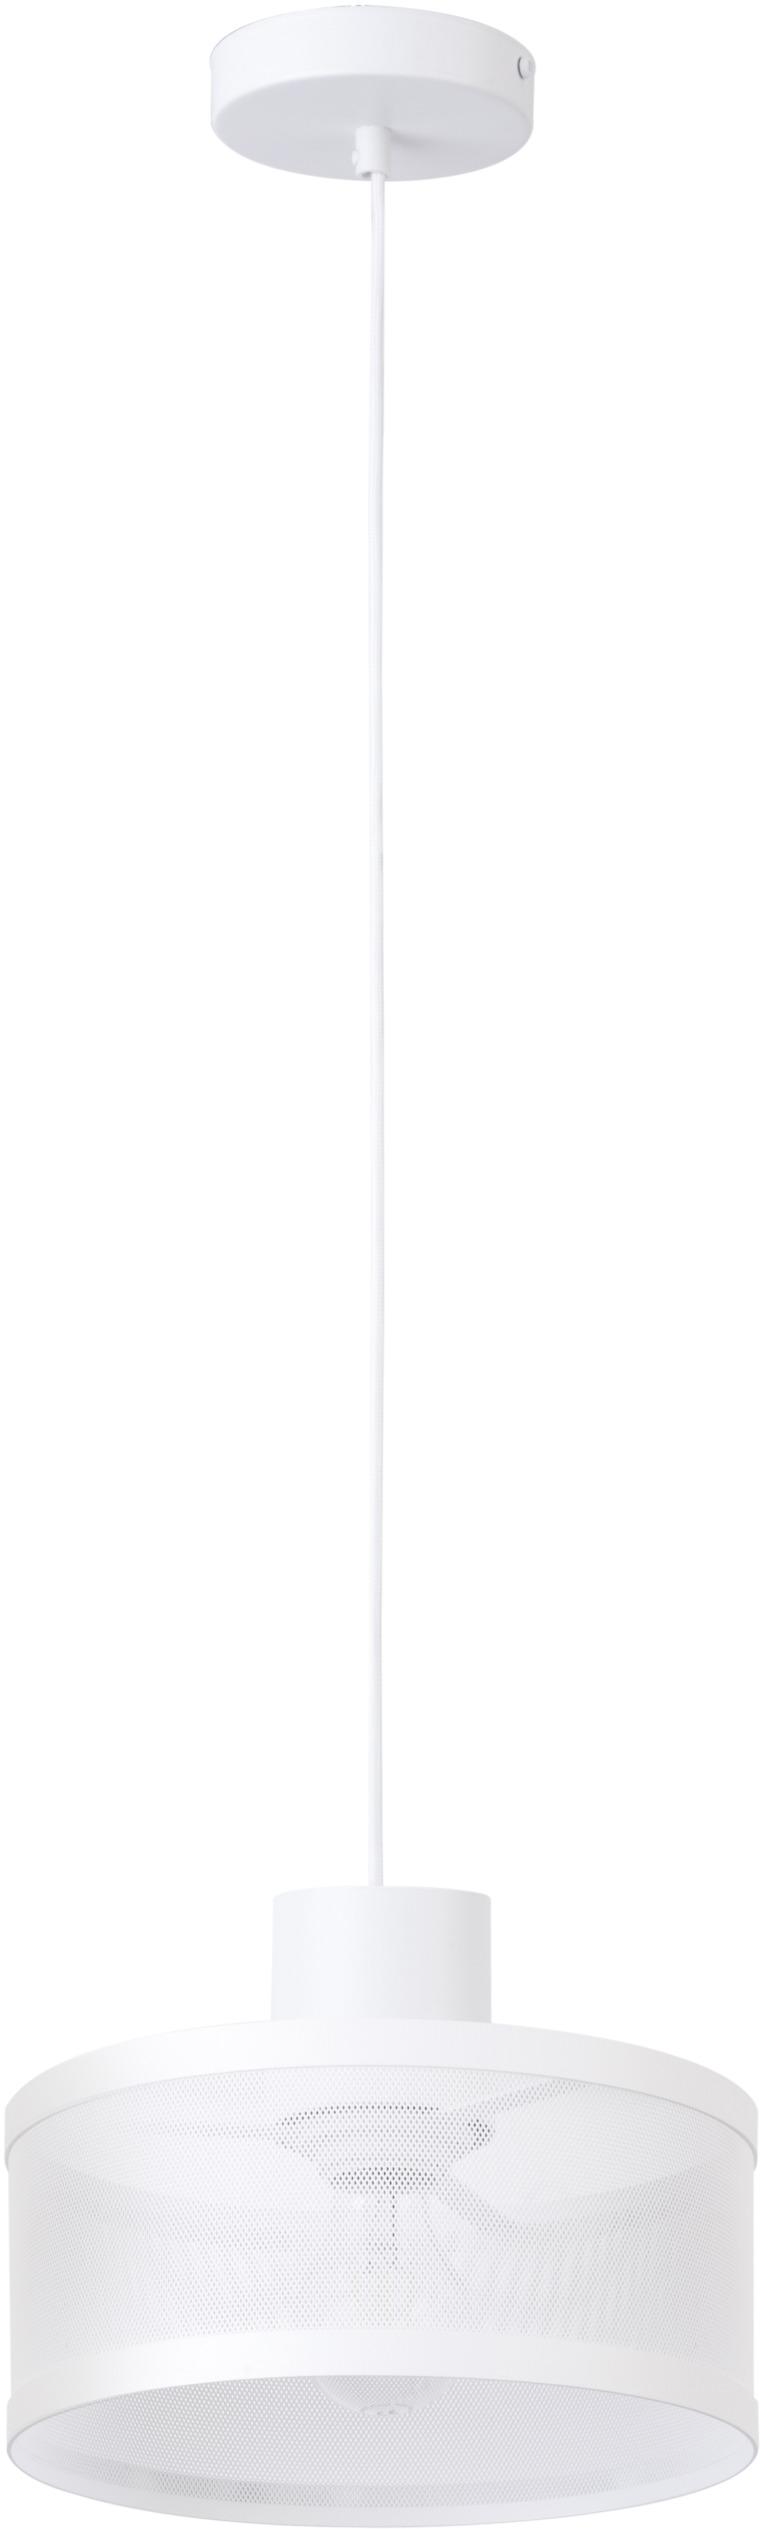 Lampa wisząca BONO 1 BIAŁY 31905 - Sigma Do -17% rabatu w koszyku i darmowa dostawa od 299zł !